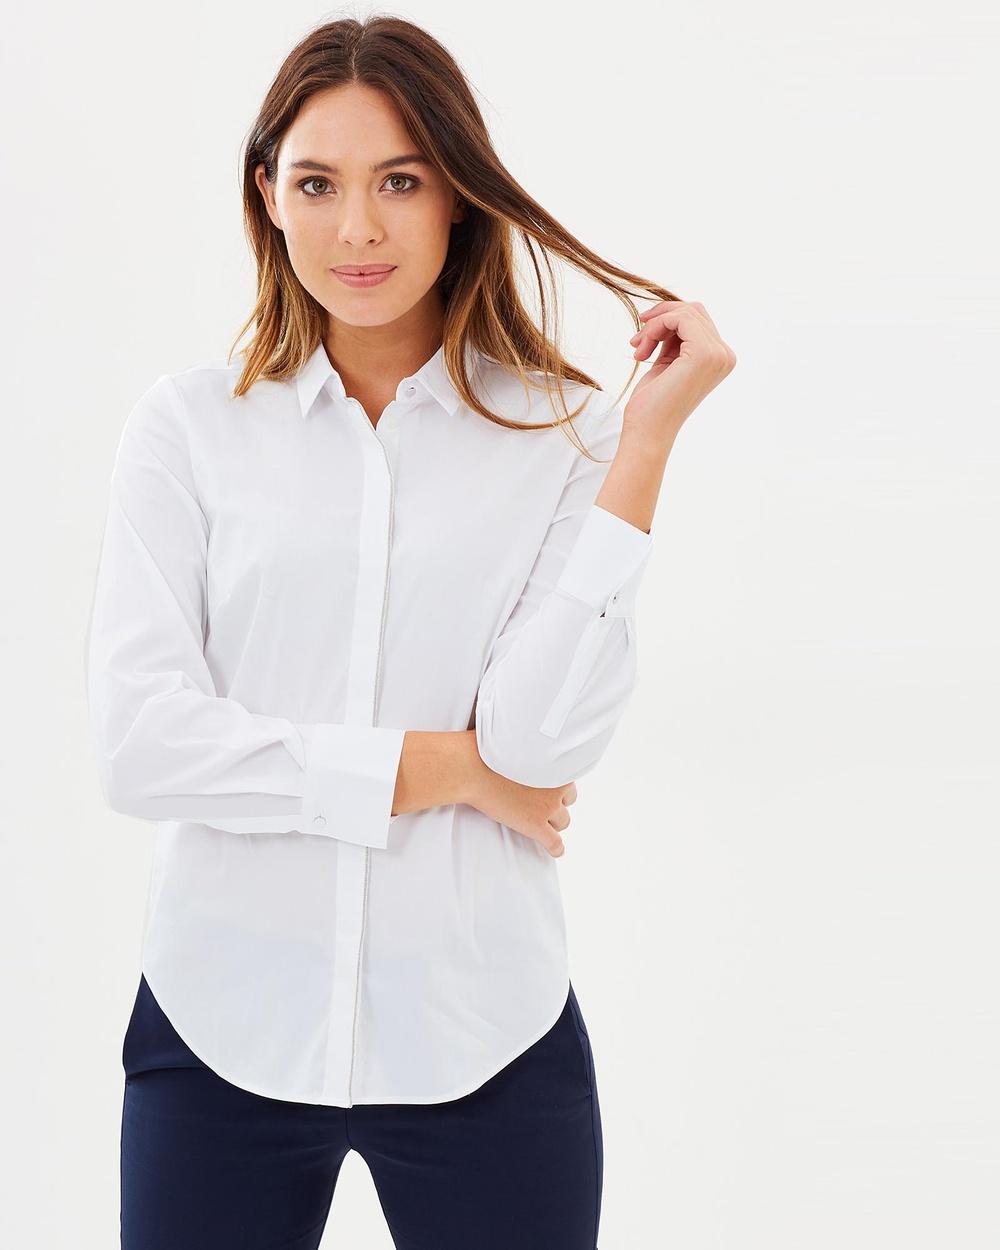 Sportscraft Avignon Trim Shirt Tops white Avignon Trim Shirt